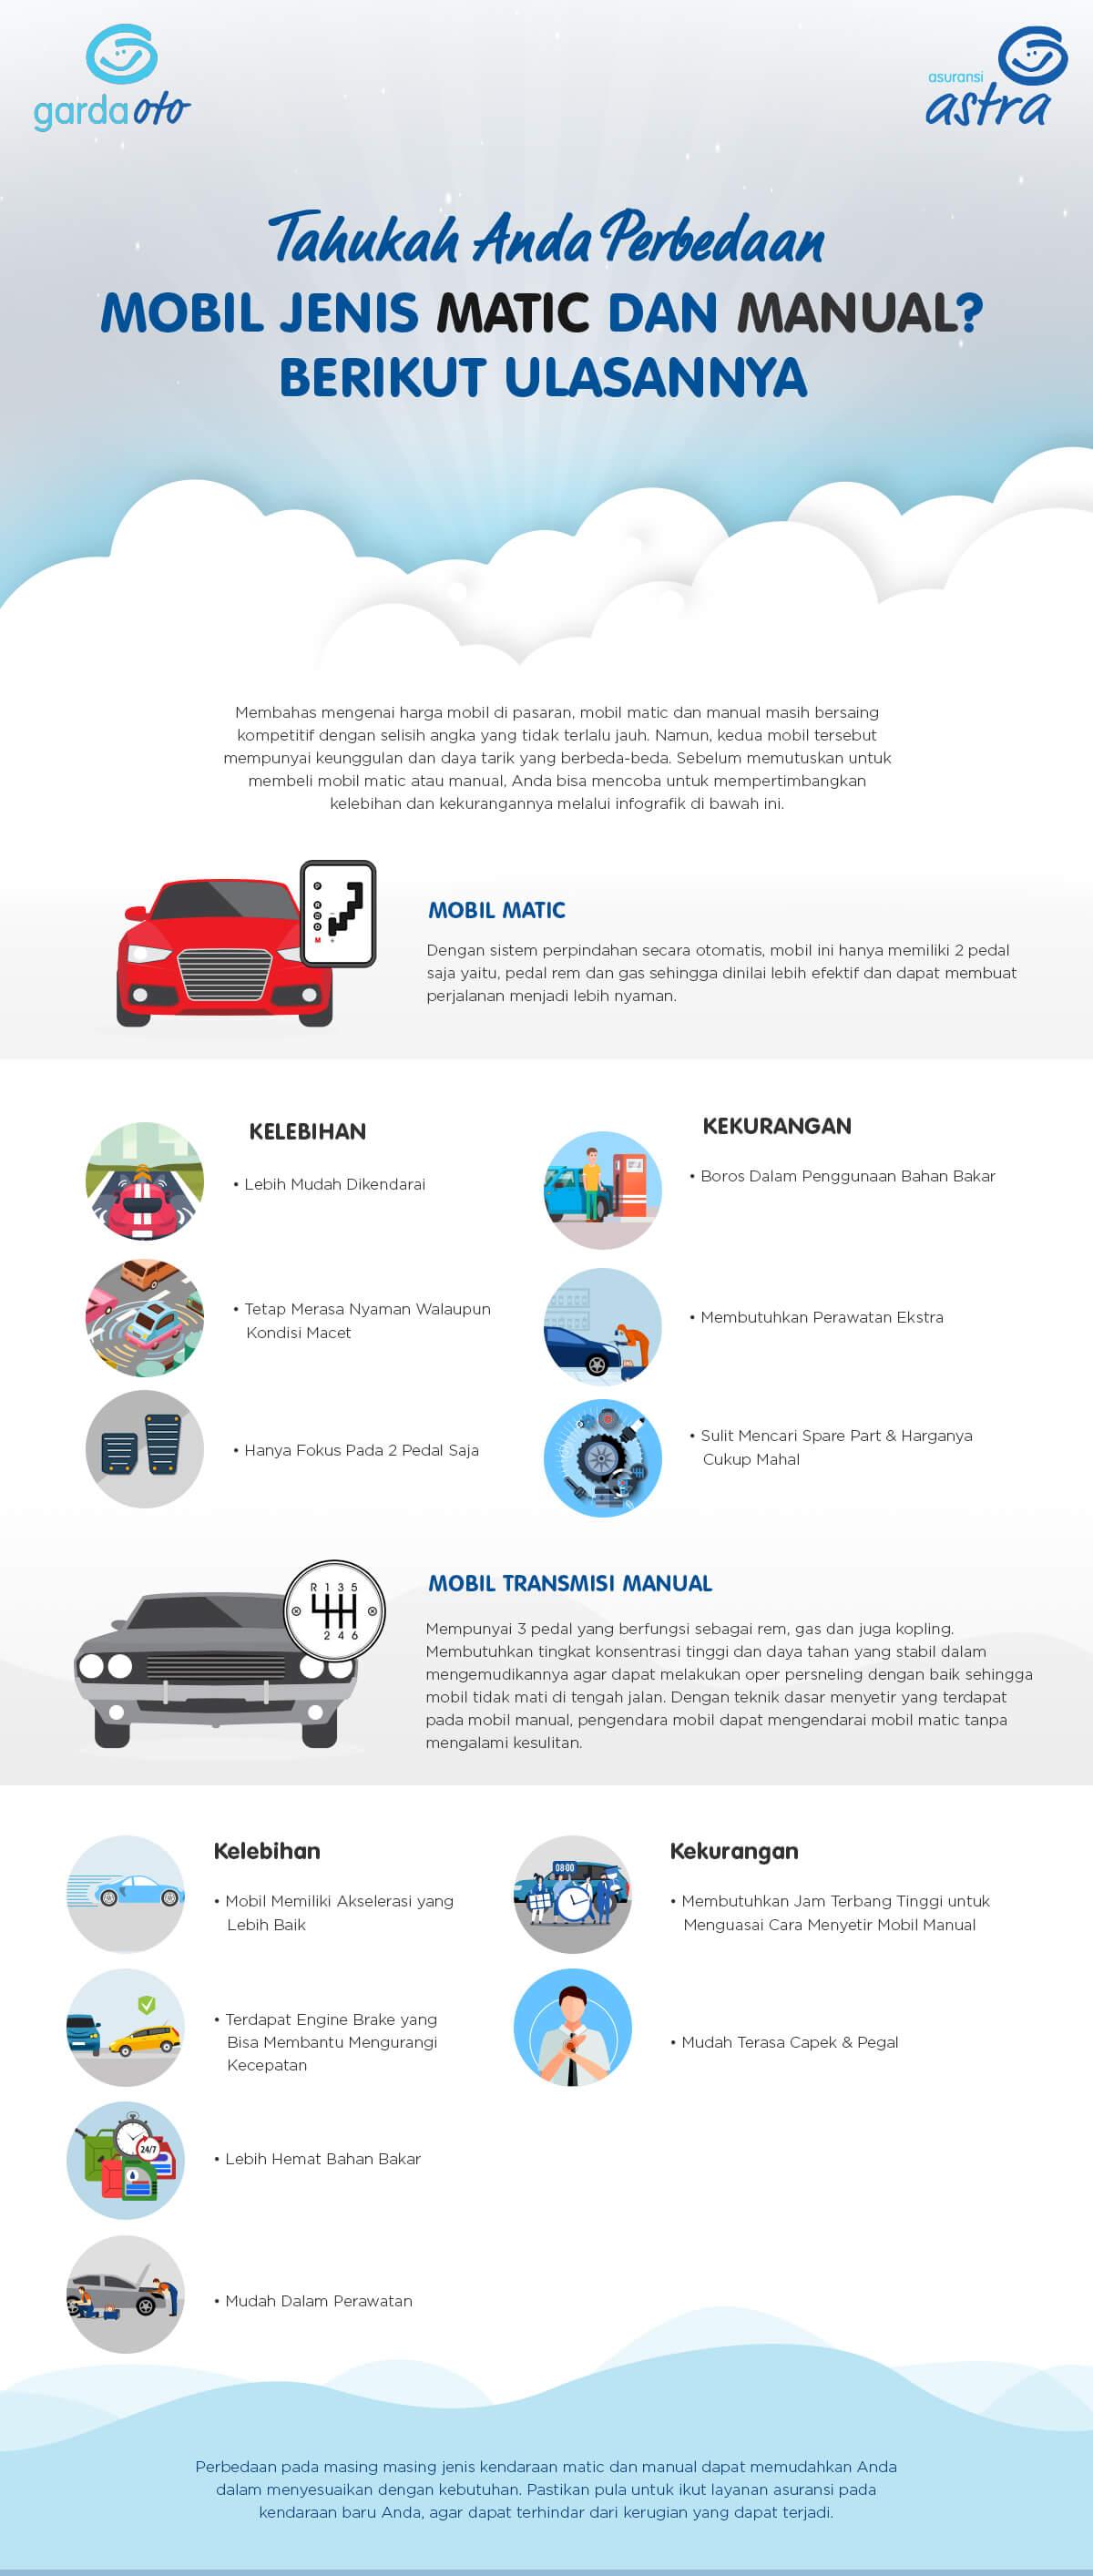 Tahukan Anda Perbedaan Mobil Jenis Matic Dan Manual?Berikut Ulasan